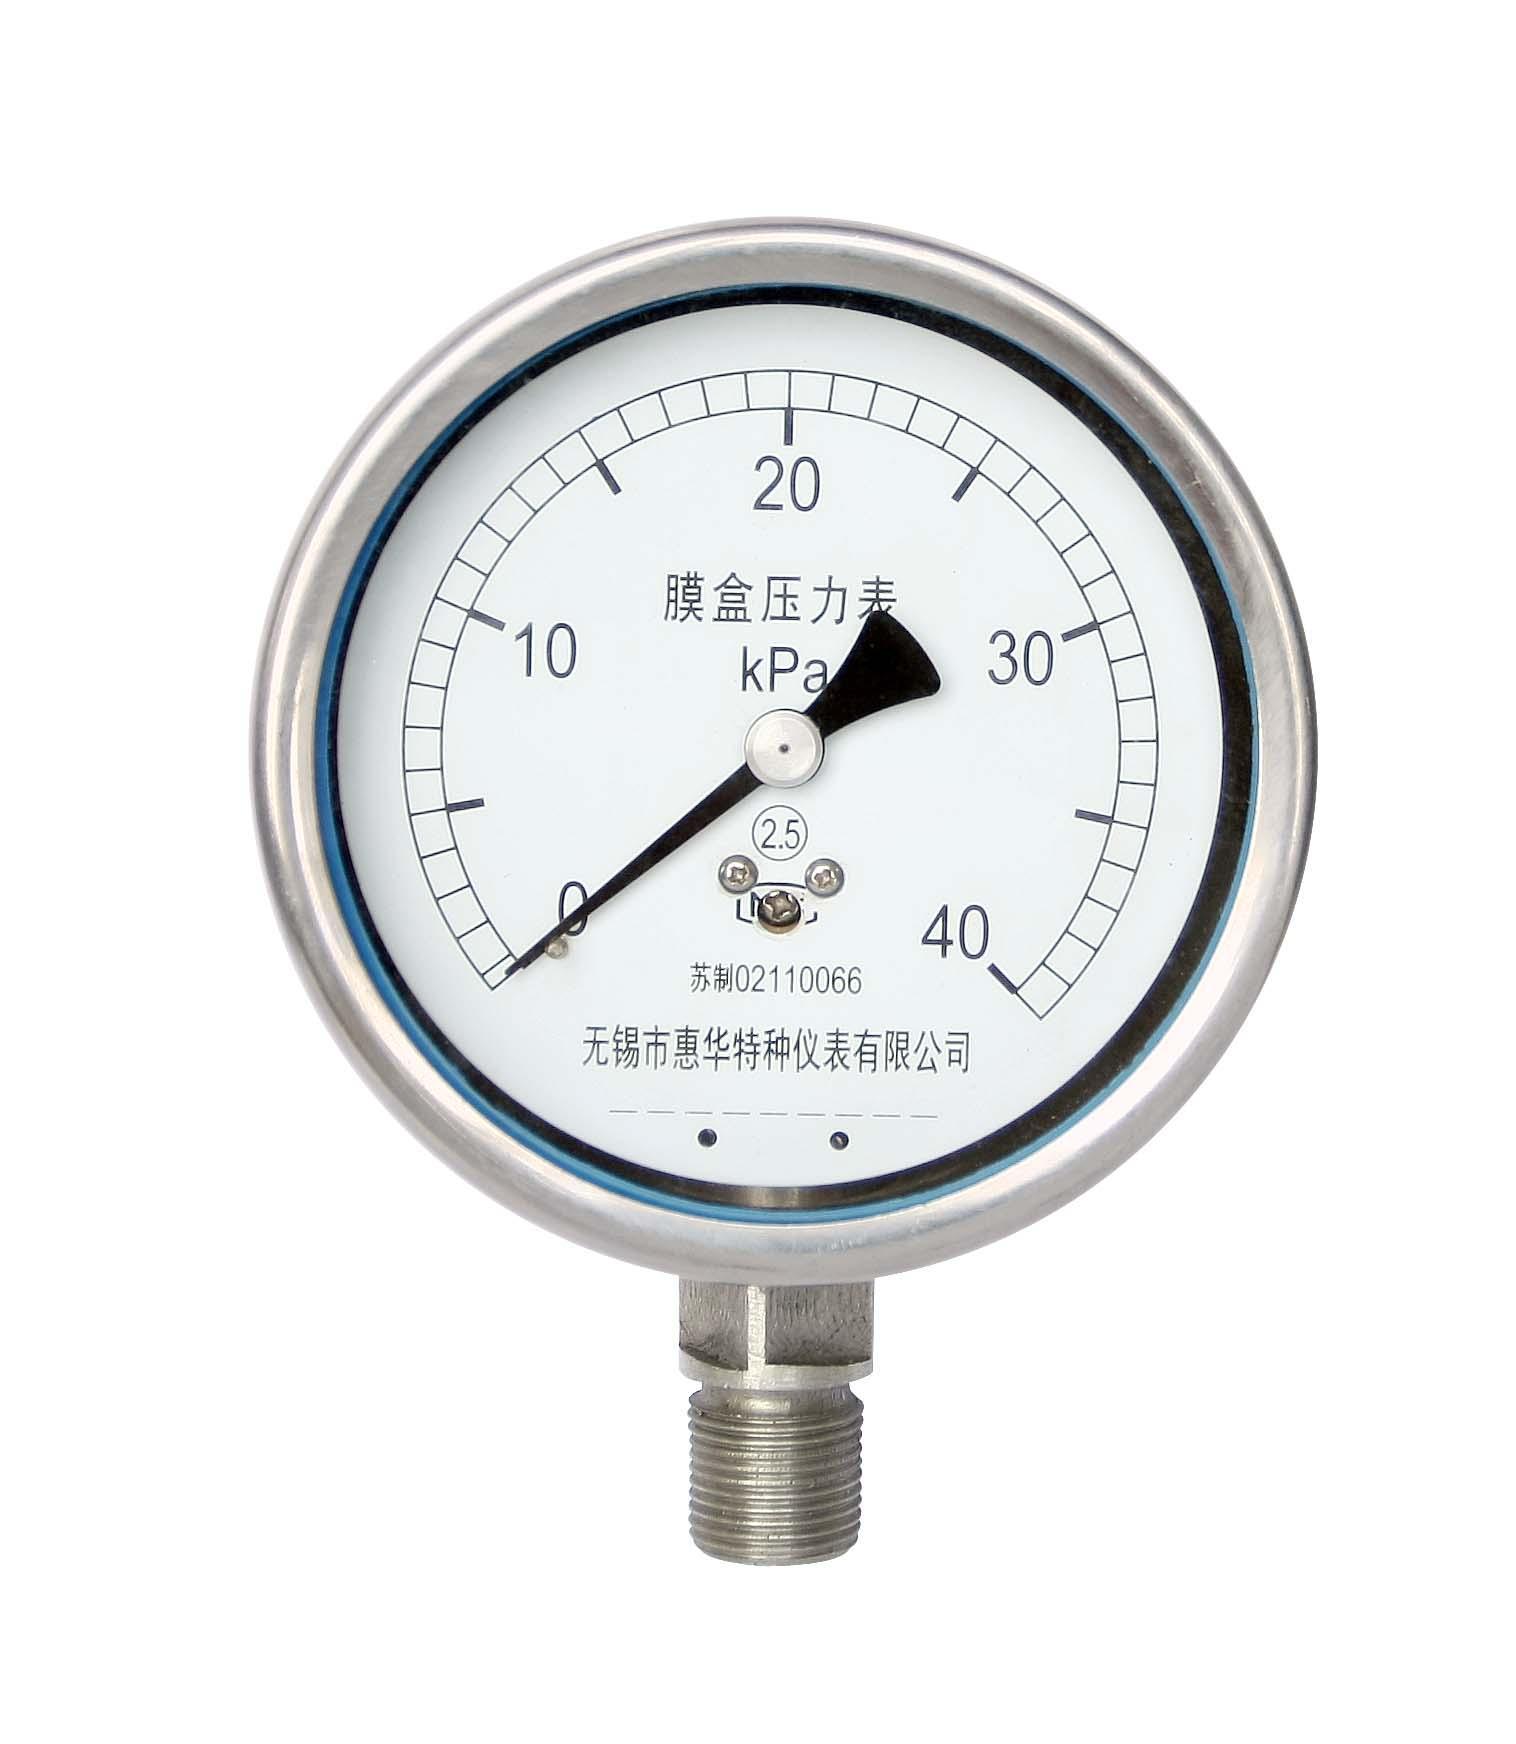 不鏽鋼膜盒壓力表 不鏽鋼微壓表 6